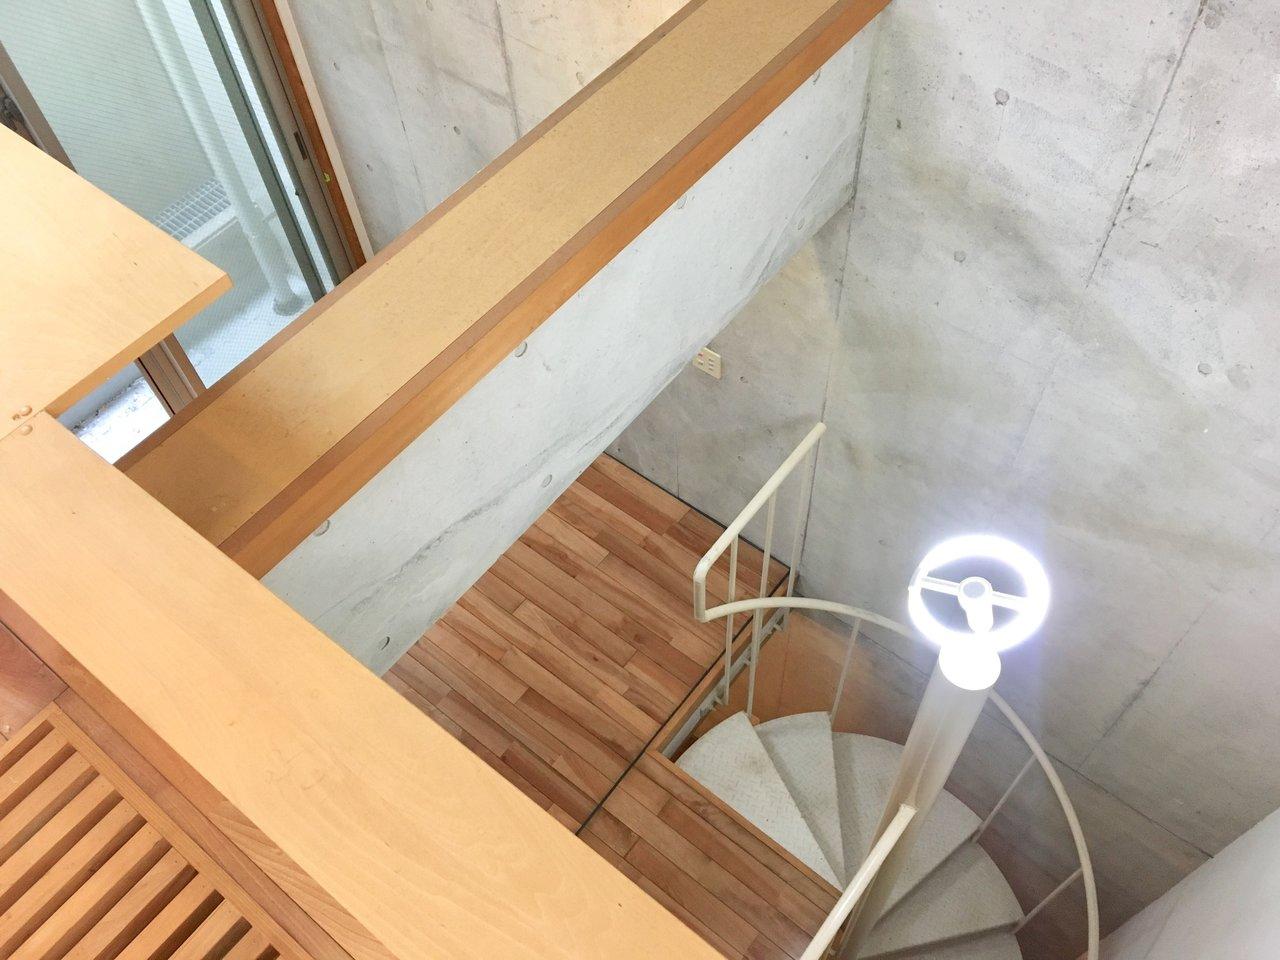 螺旋階段のあるお部屋ってかっこいいです。天井が高くて開放感ありますね。